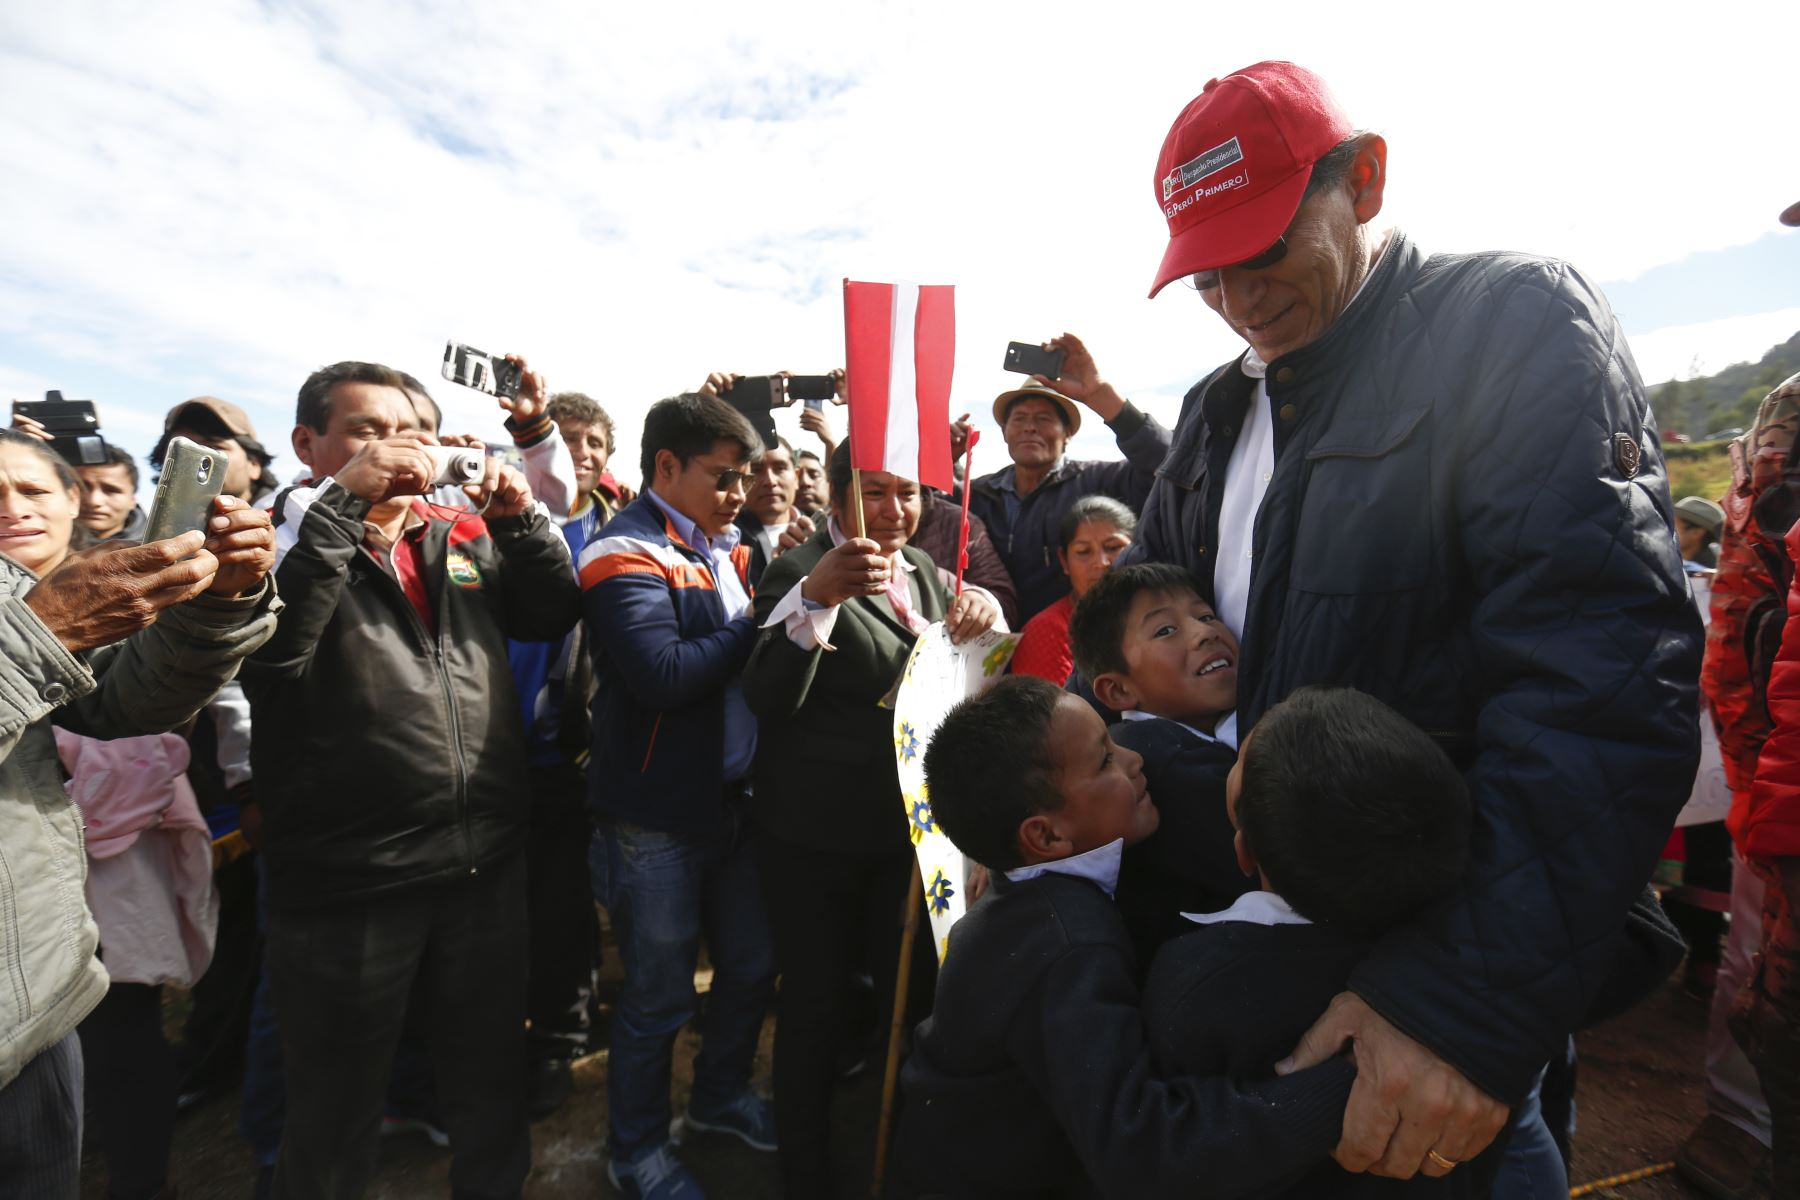 Presidente Martin Vizcarra supervisó trabajos de mejoramiento del corredor vial que une la Libertad y Áncash: Tramo17, CP Miraflores - Santiago de Challas. Foto:ANDINA/Prensa Presidencia